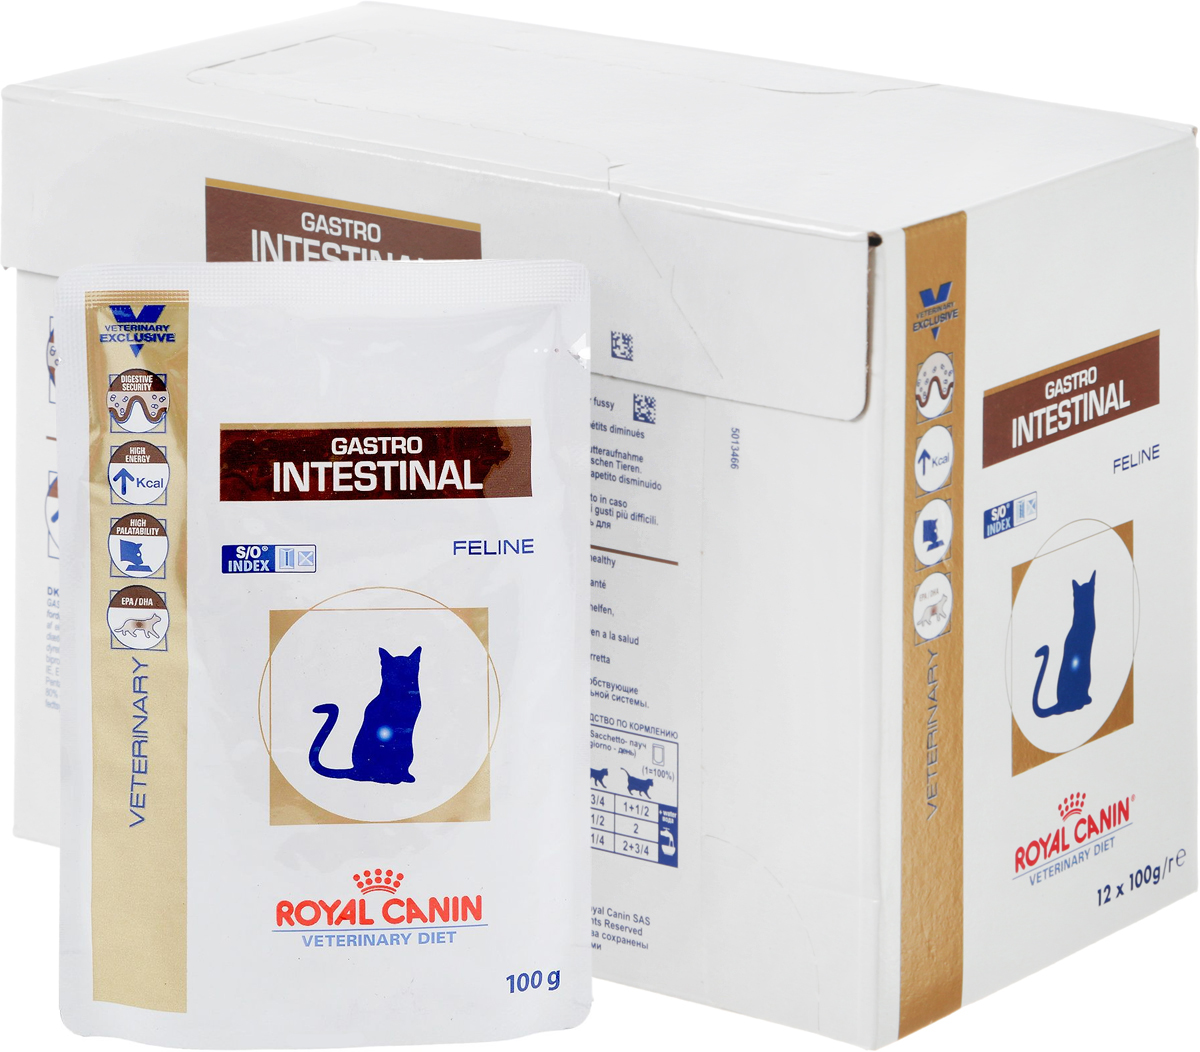 Консервы диетические Royal Canin  Gastro Intestinal  для кошек, при нарушениях пищеварения, 100 г, 12 шт - Корма и лакомства